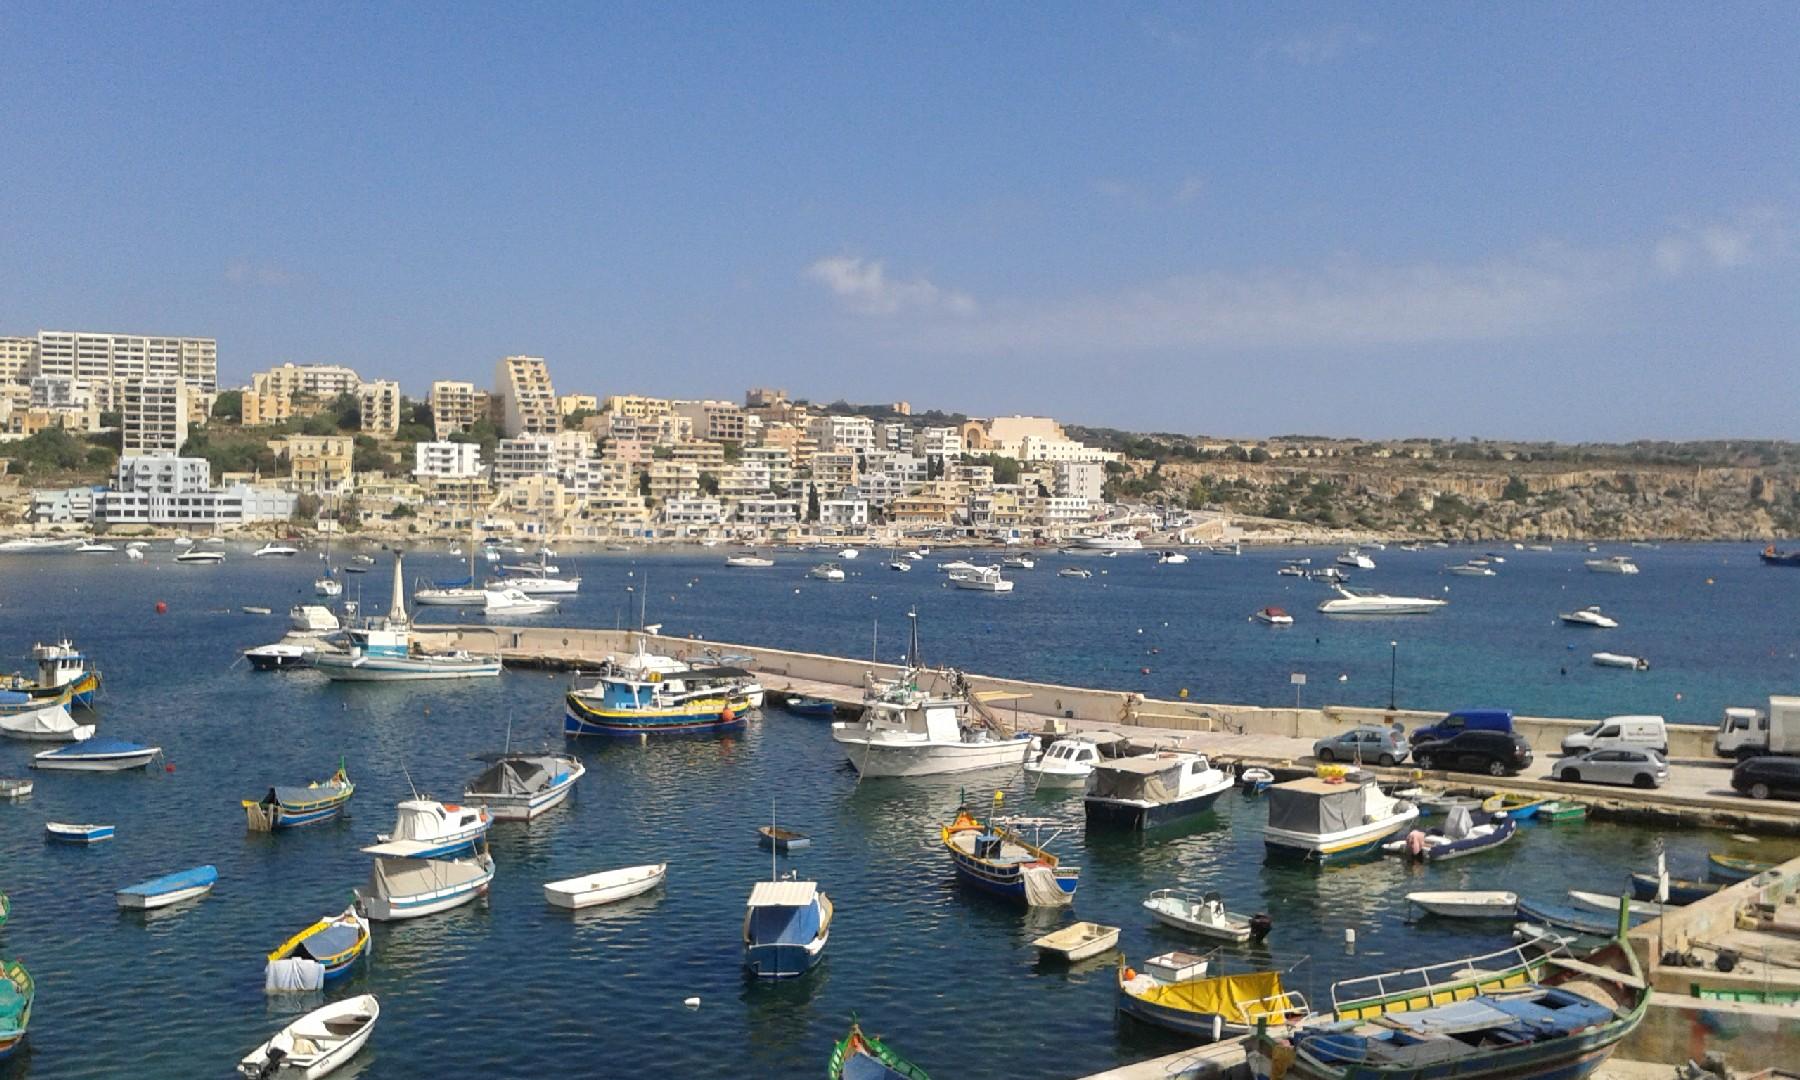 Malta Property for sale in Malta, St. Paul`s Bay